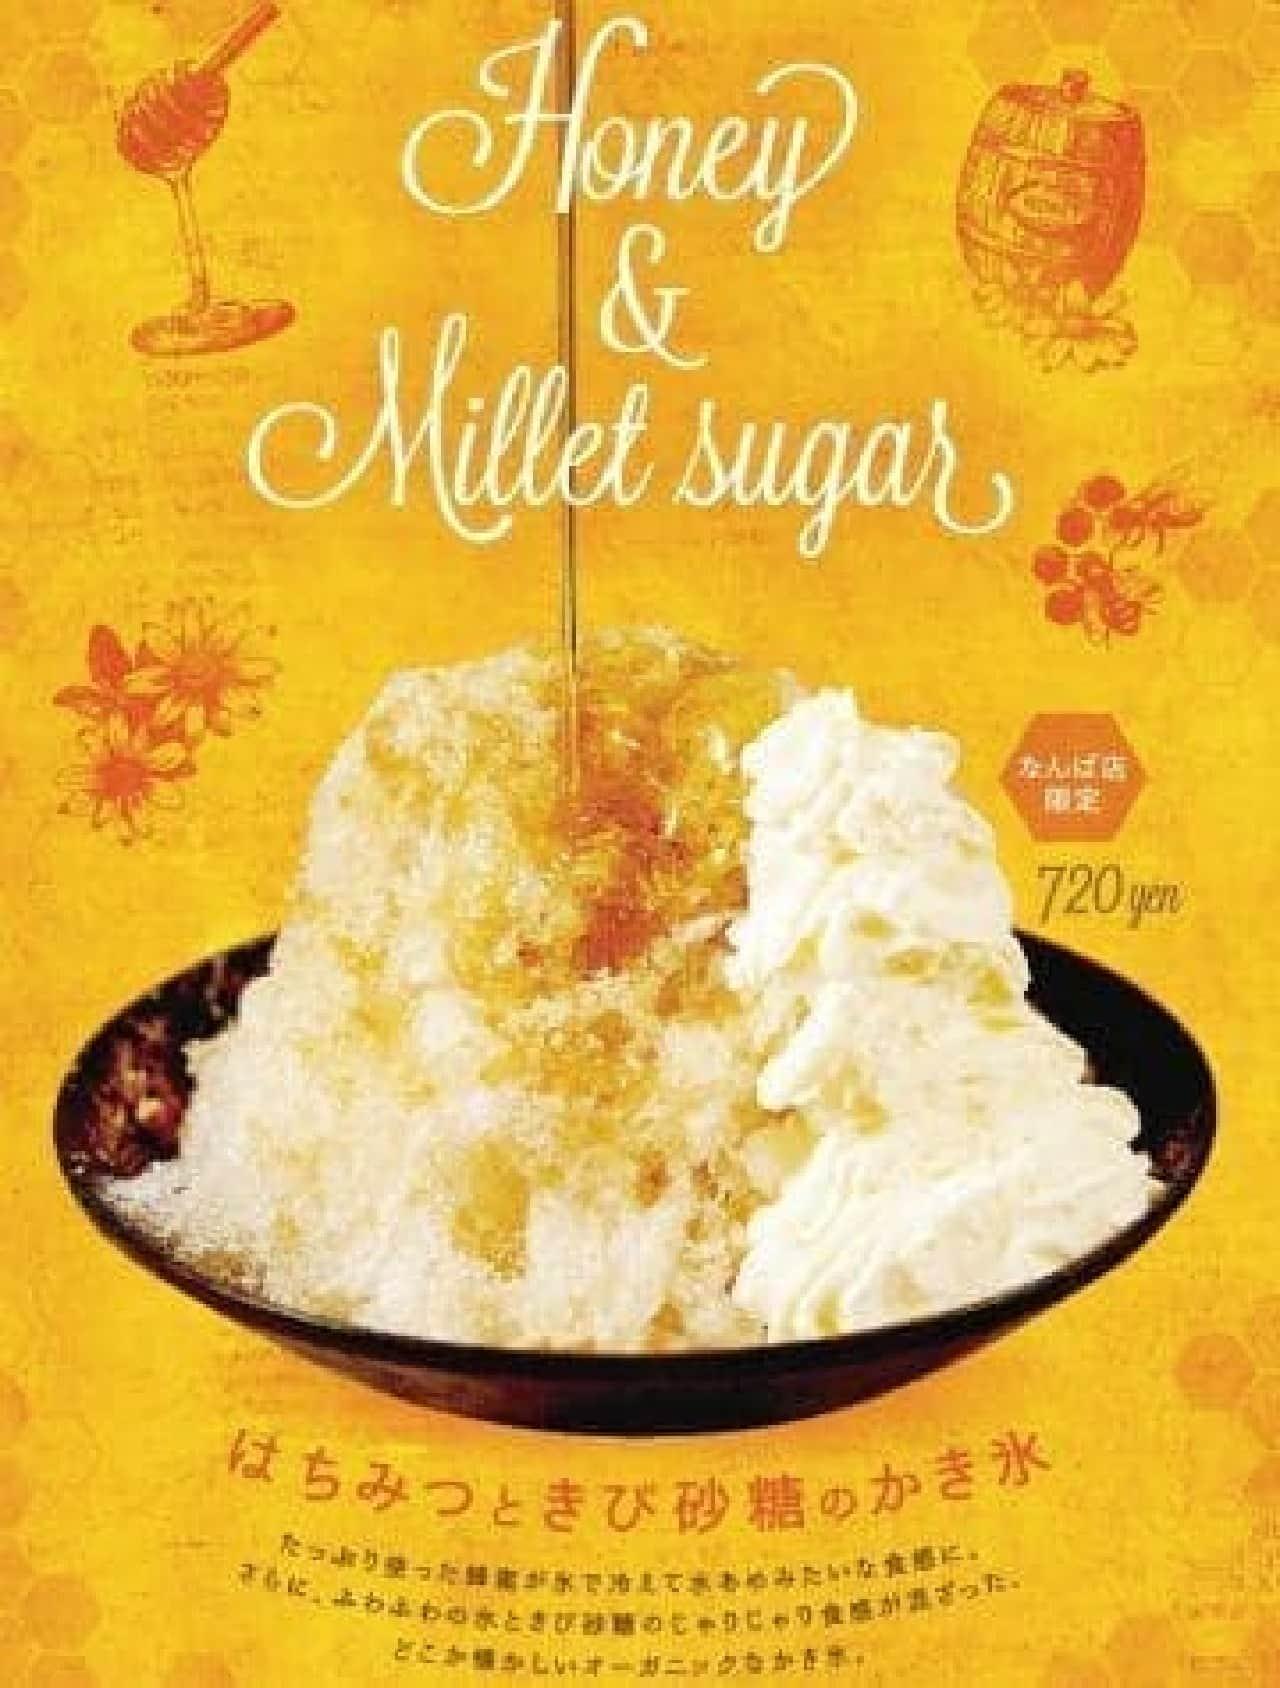 ブラザーズカフェのなんば店「はちみつときび砂糖のかき氷」